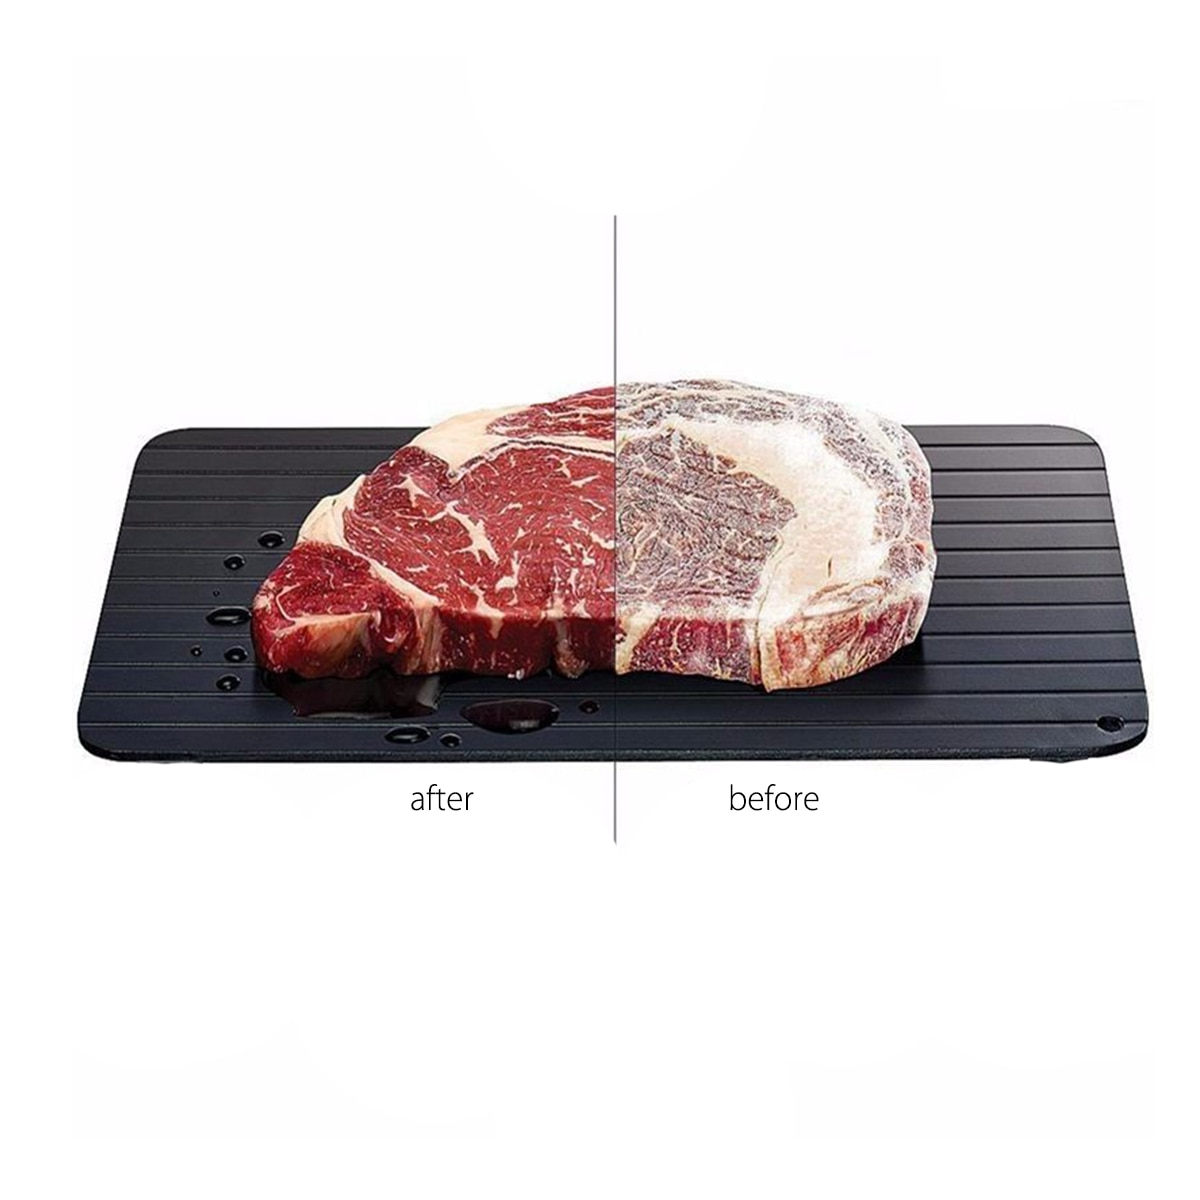 Bandeja de Carne de Descongelação Placa de Descongelação Placa de Bandeja de Segurança Rápida para Frozens Ferramenta de Cozinha de Carne de Alimentos Rápida